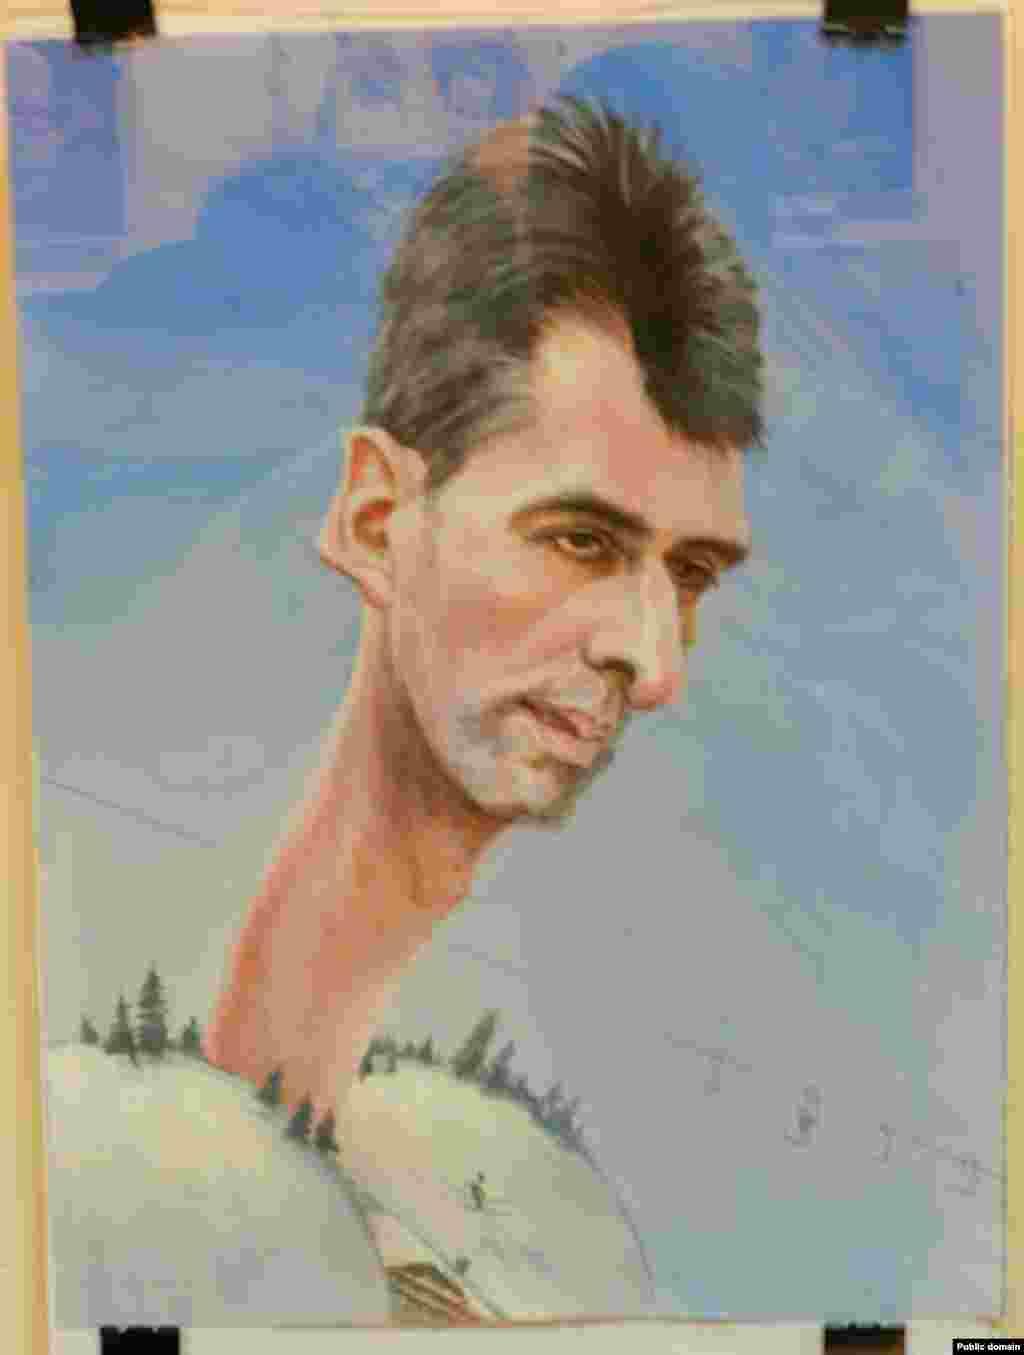 Франция тауларында, Куршавельдә ял итәргә яратучы икенче бер намзәт Михаил Прохоров.